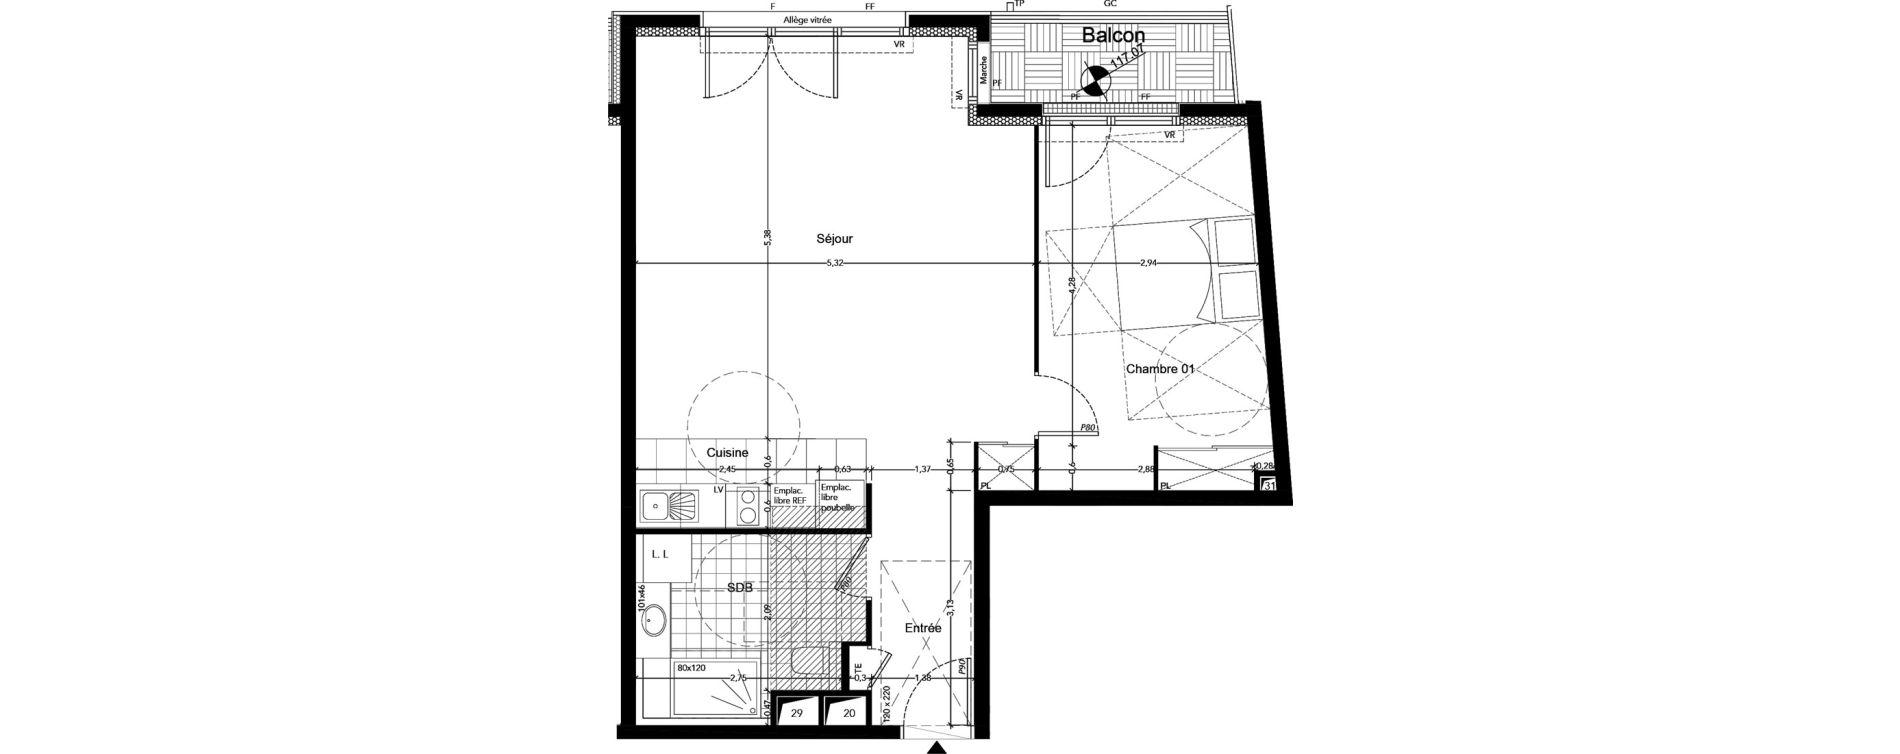 Appartement T2 de 58,70 m2 à Chaville Centre